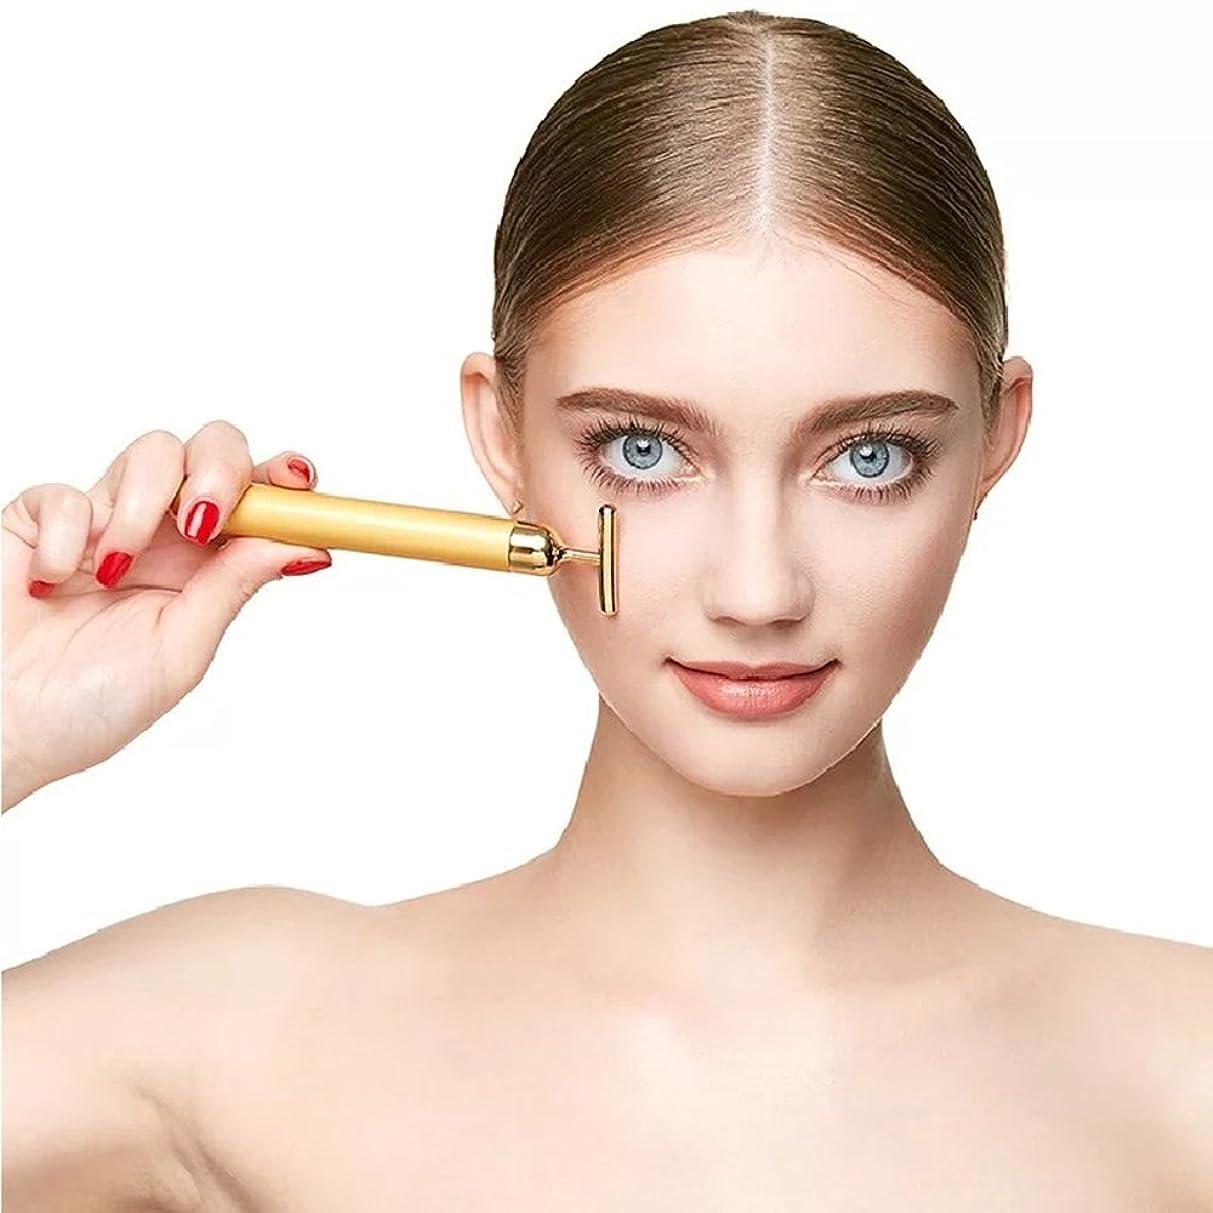 ラショナル愛性的YSBER 24K Beauty Bar T型美肌 しわの除去/超音波美顔器